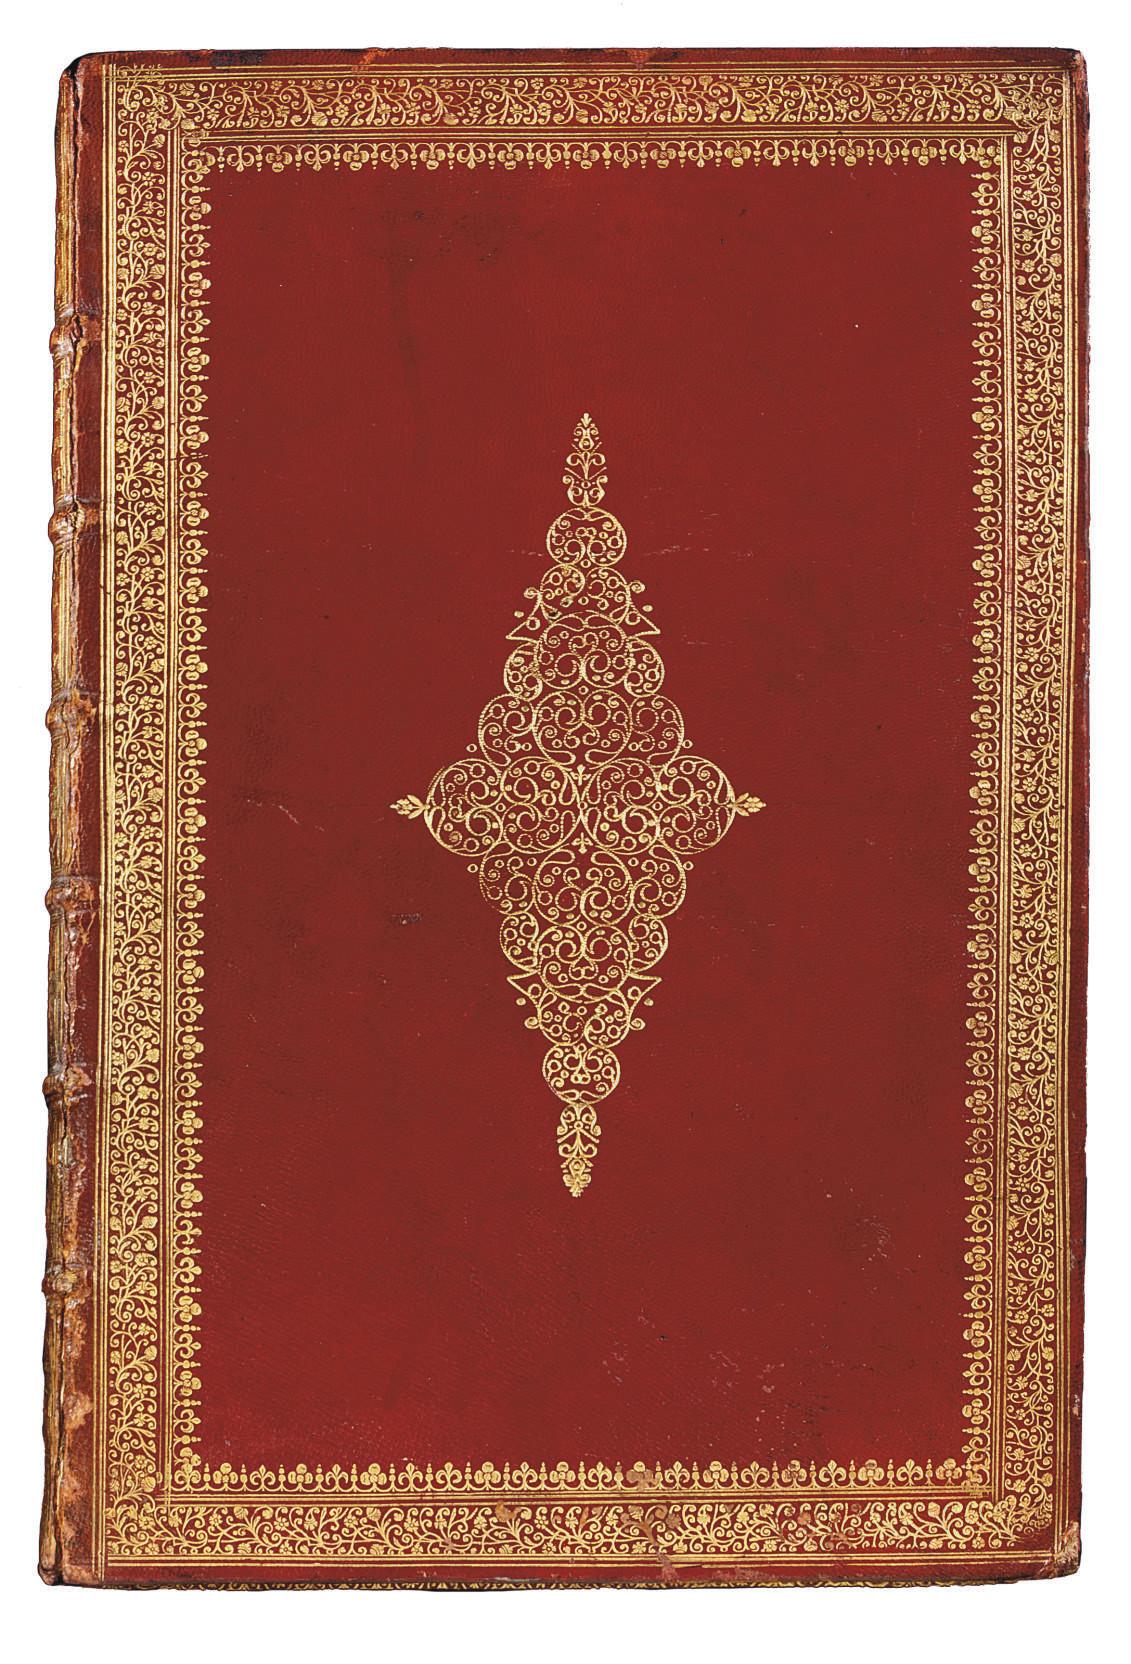 JUVENALIS, Decimus Junius (c.6